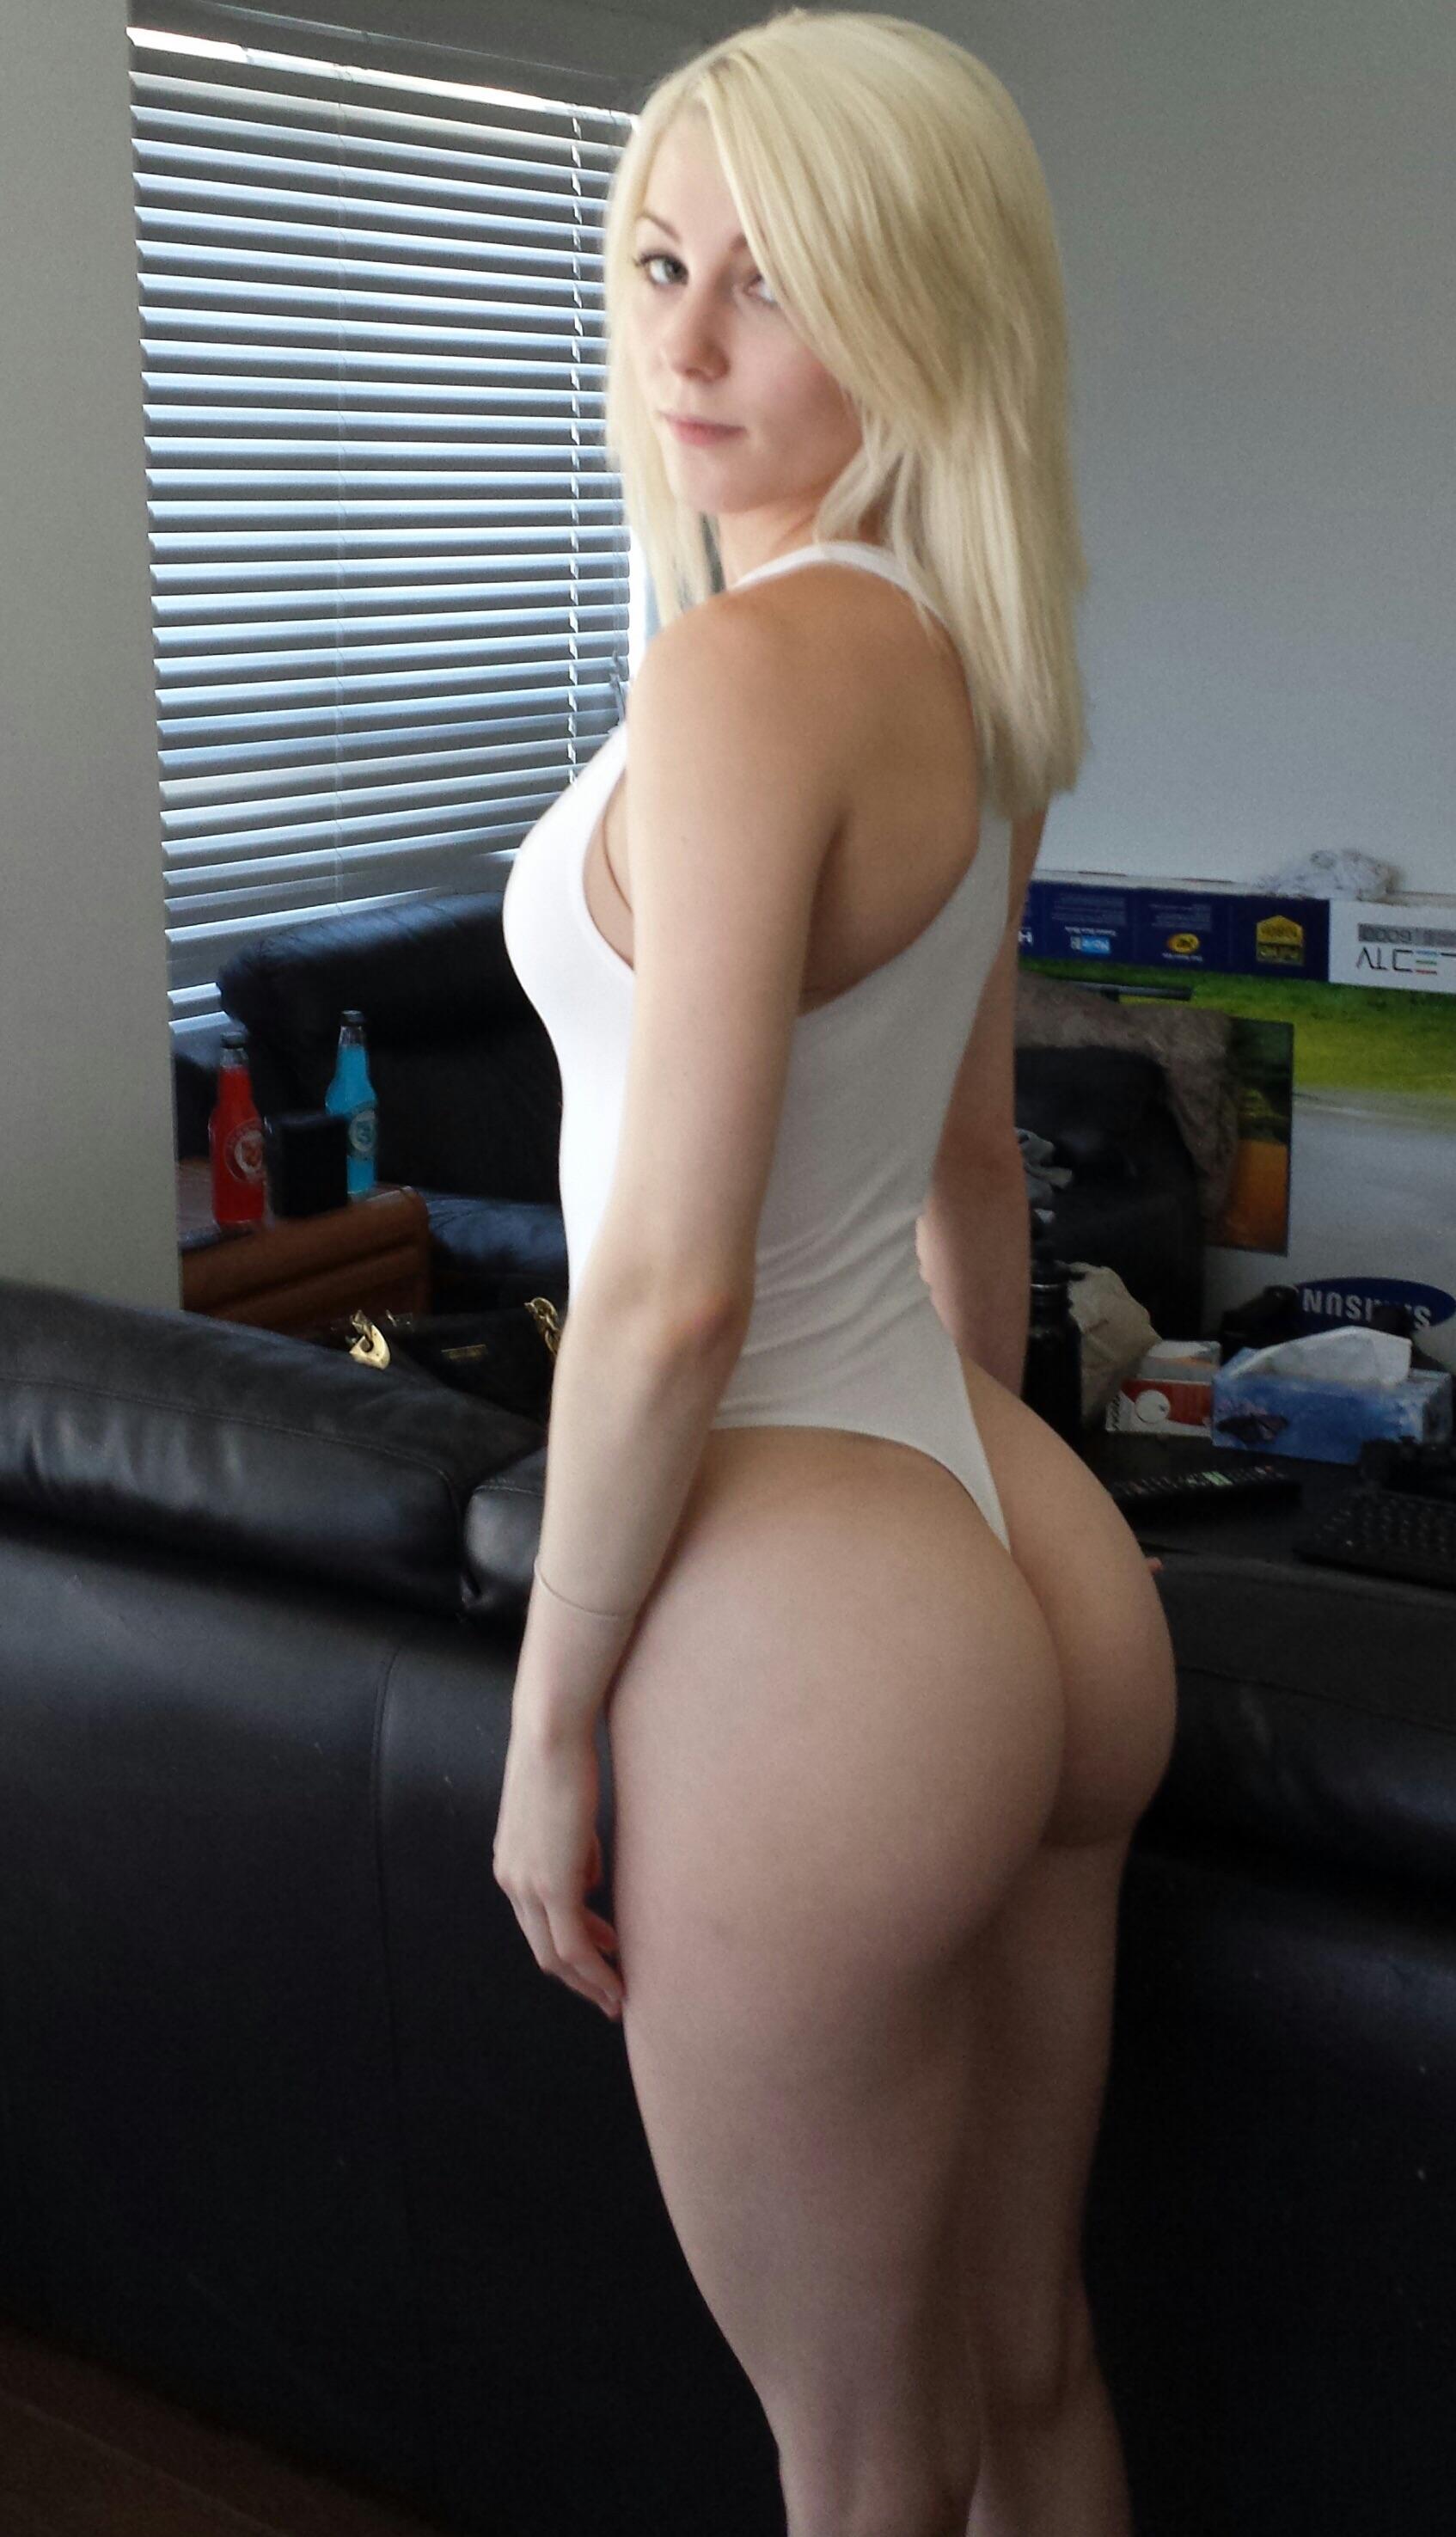 Fantastic ass porn